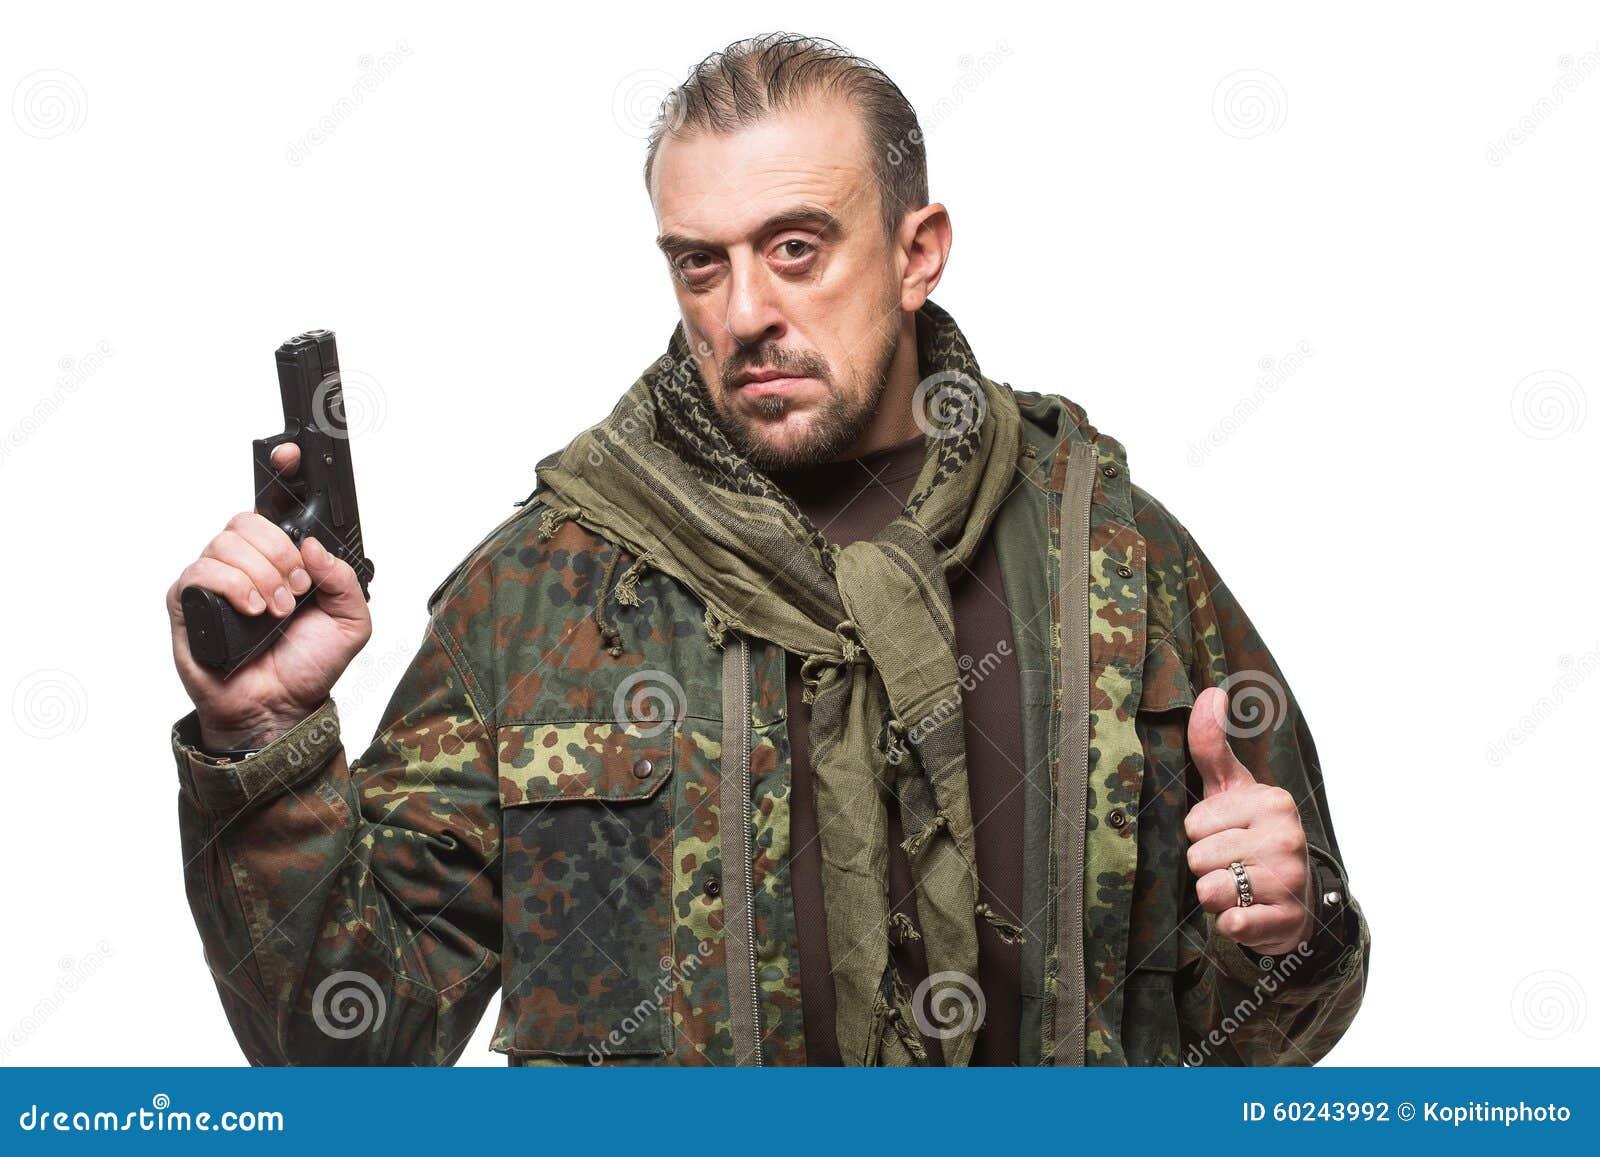 Terroriste masculin dans une veste militaire avec une arme à feu dedans